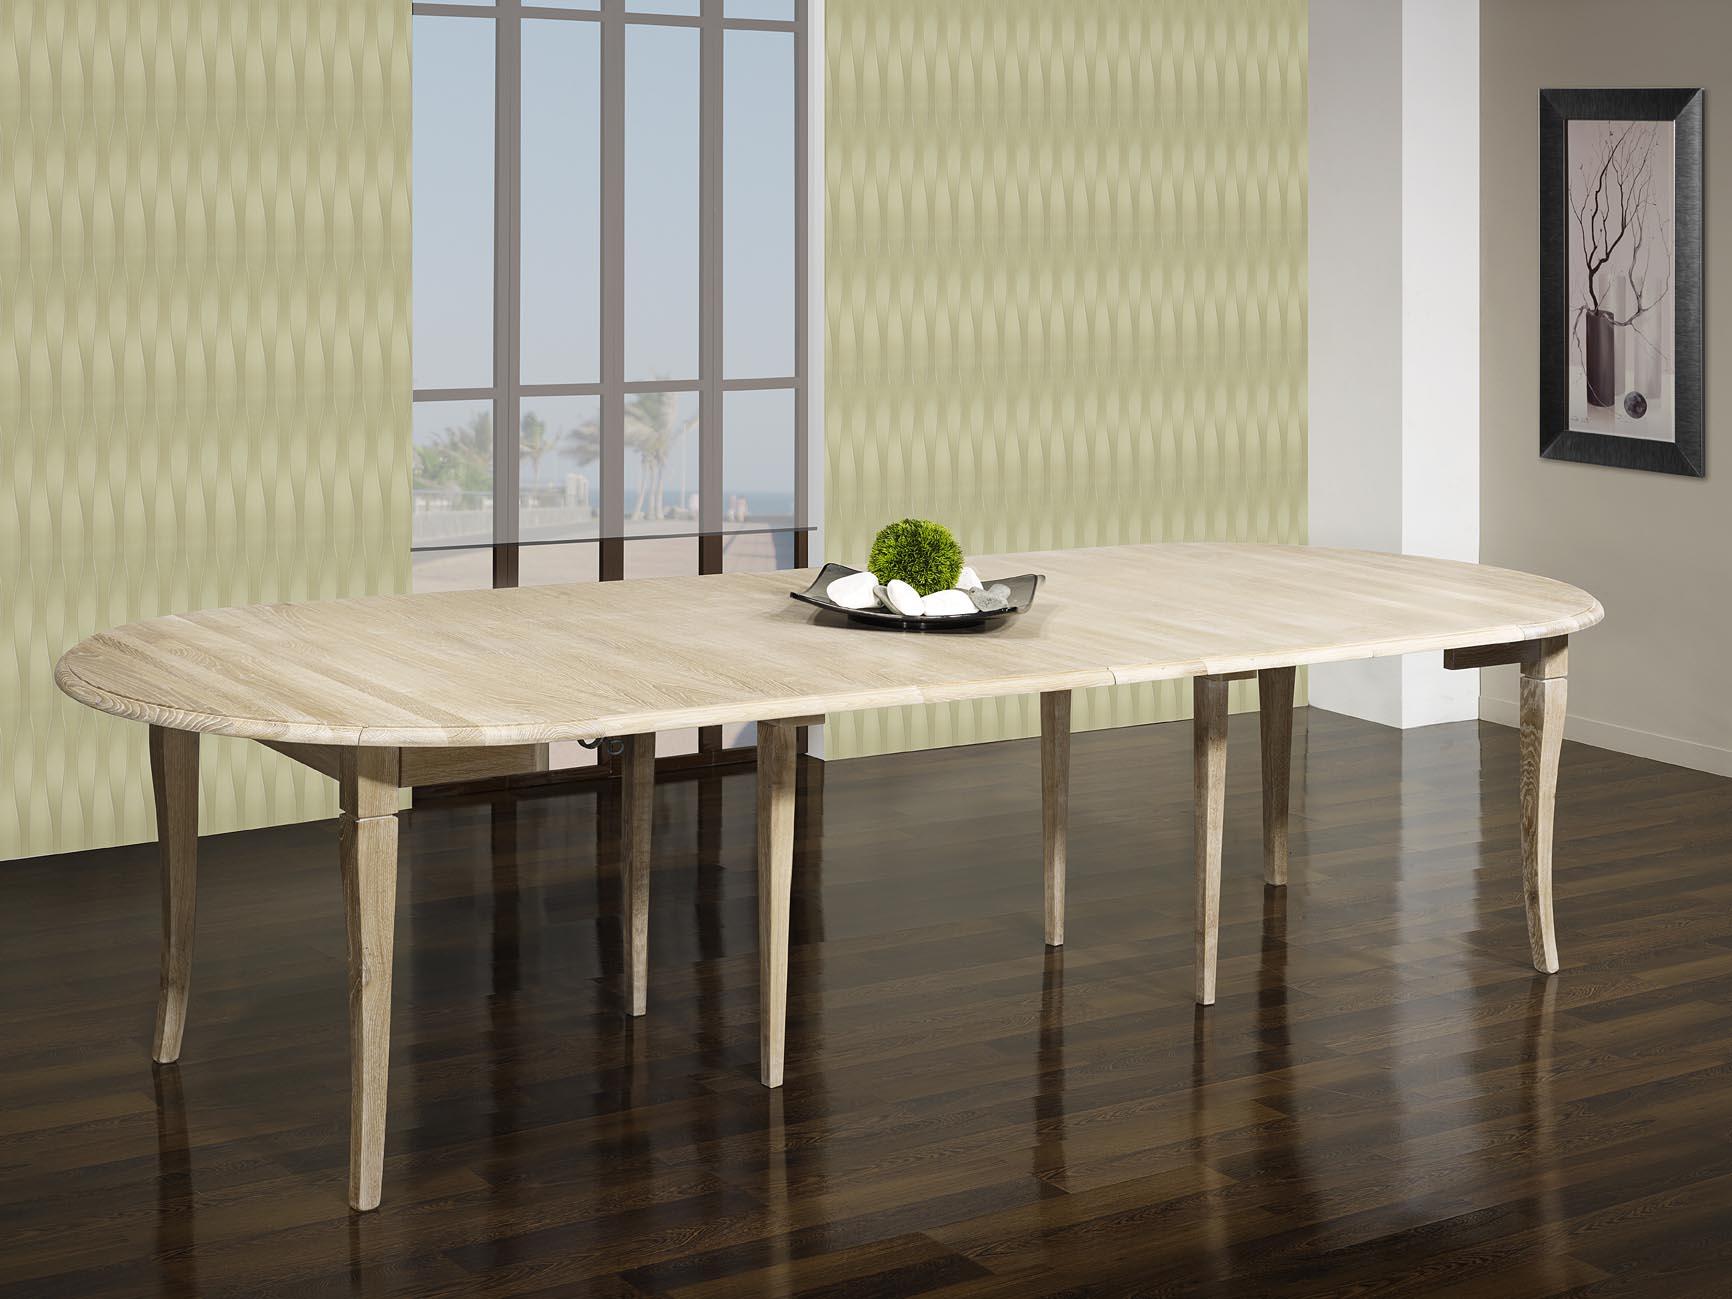 Table ronde volets val rie en ch ne massif de style - Table ronde chene massif avec allonges ...